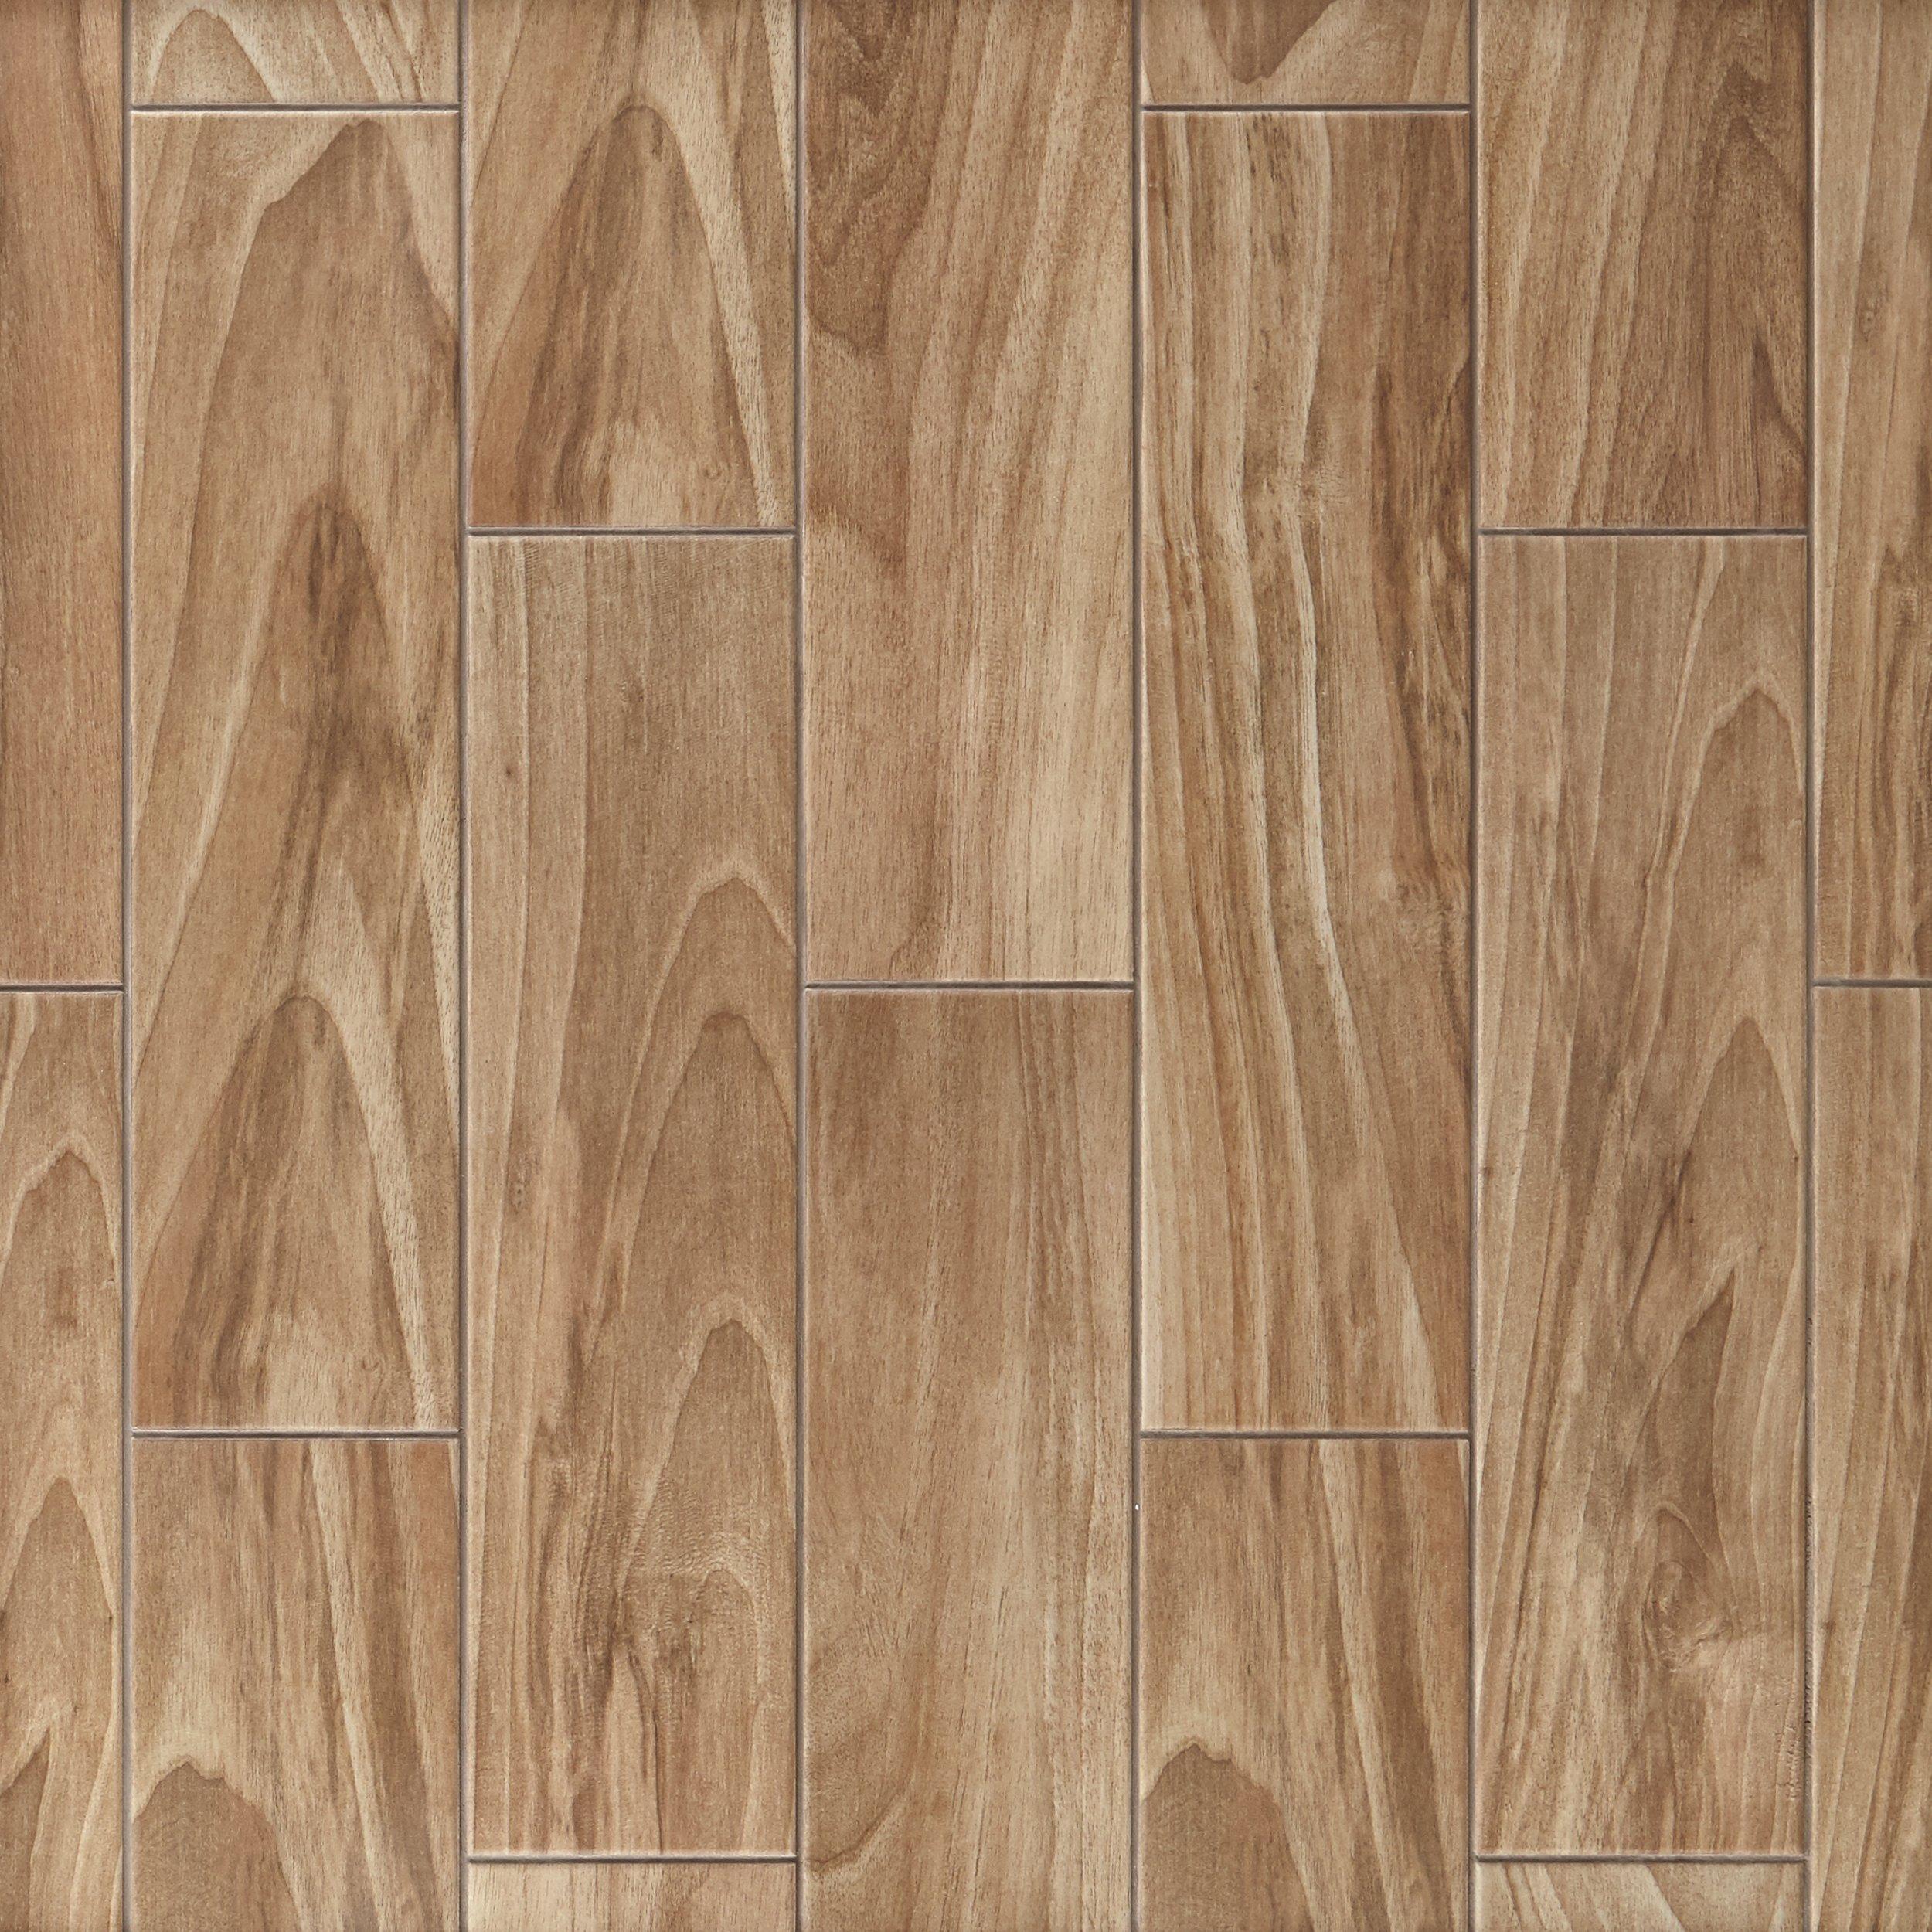 Ceramic Tile: Floor & Decor